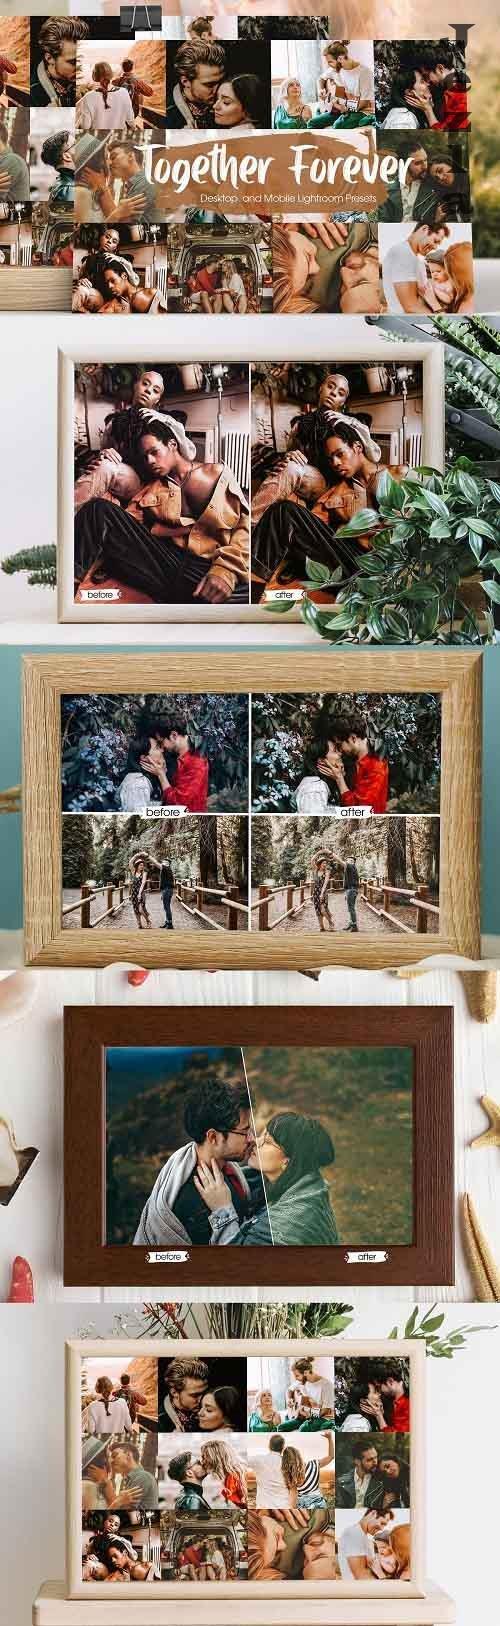 Together Forever LRM Presets - 5389531